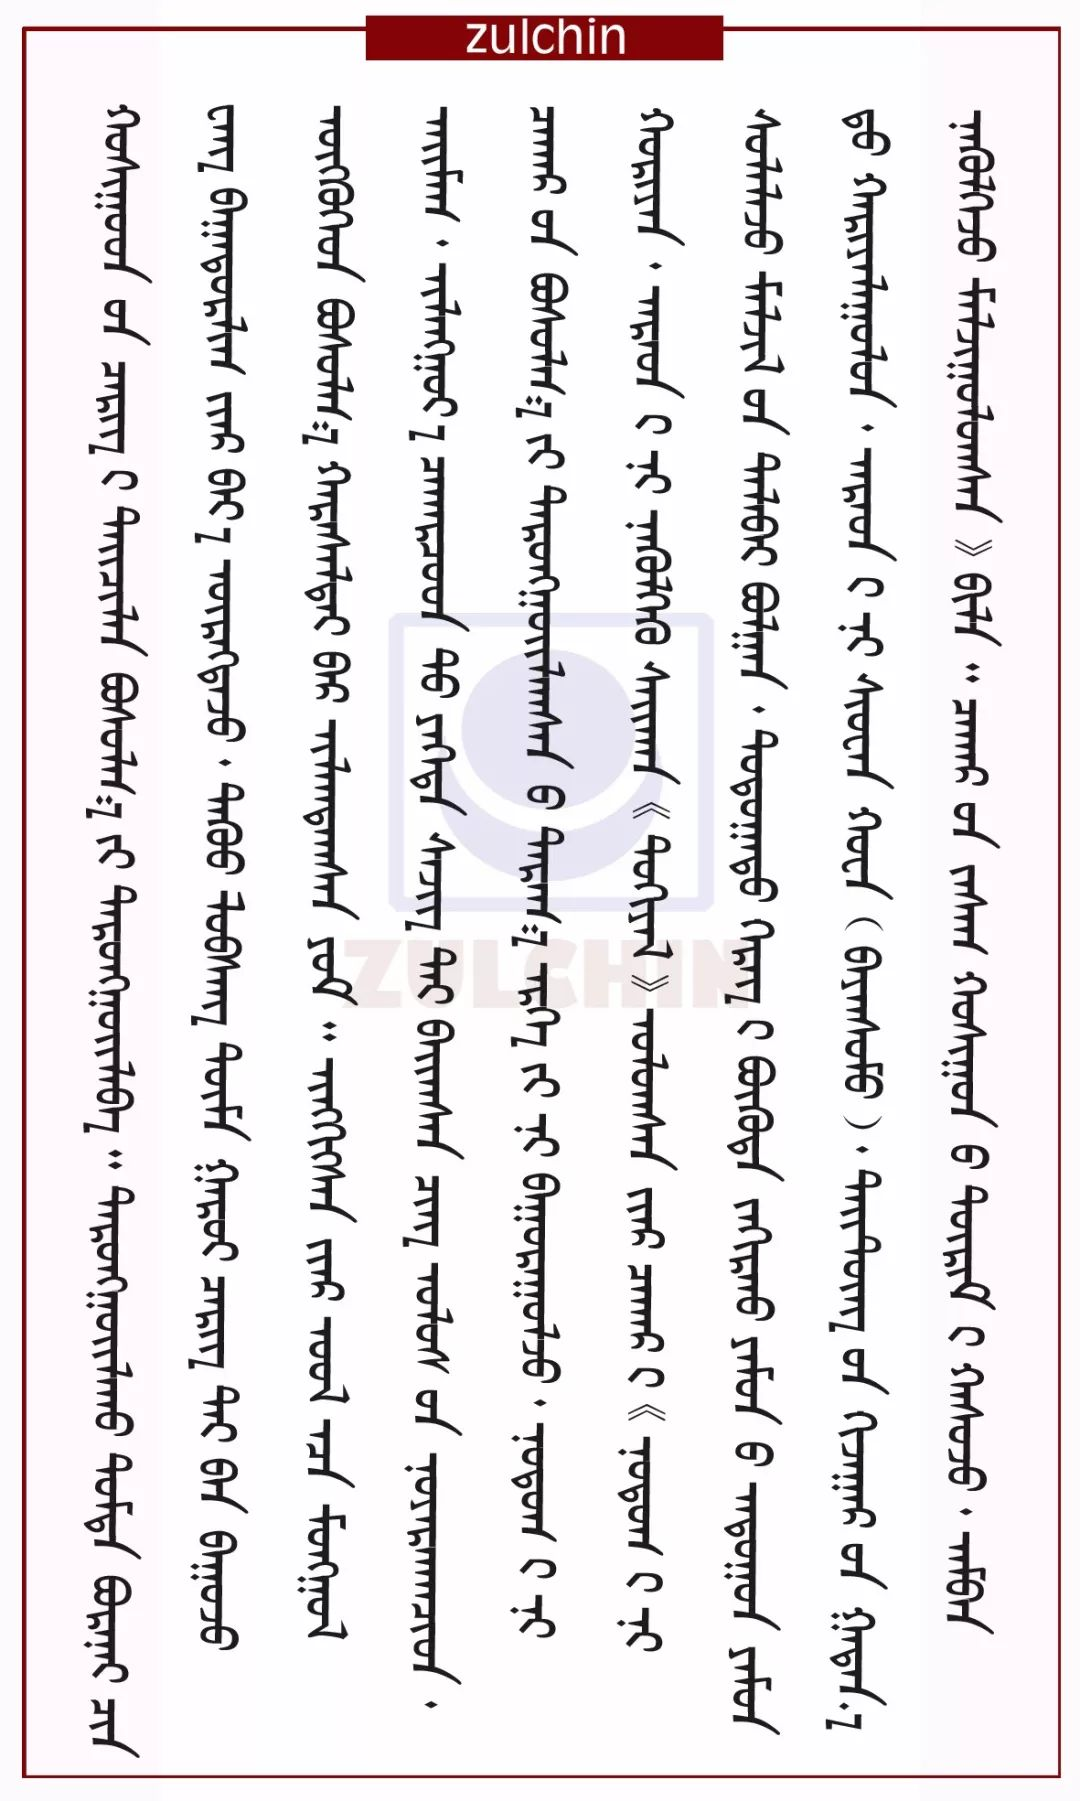 清代察哈尔部落的解体 第4张 清代察哈尔部落的解体 蒙古文化